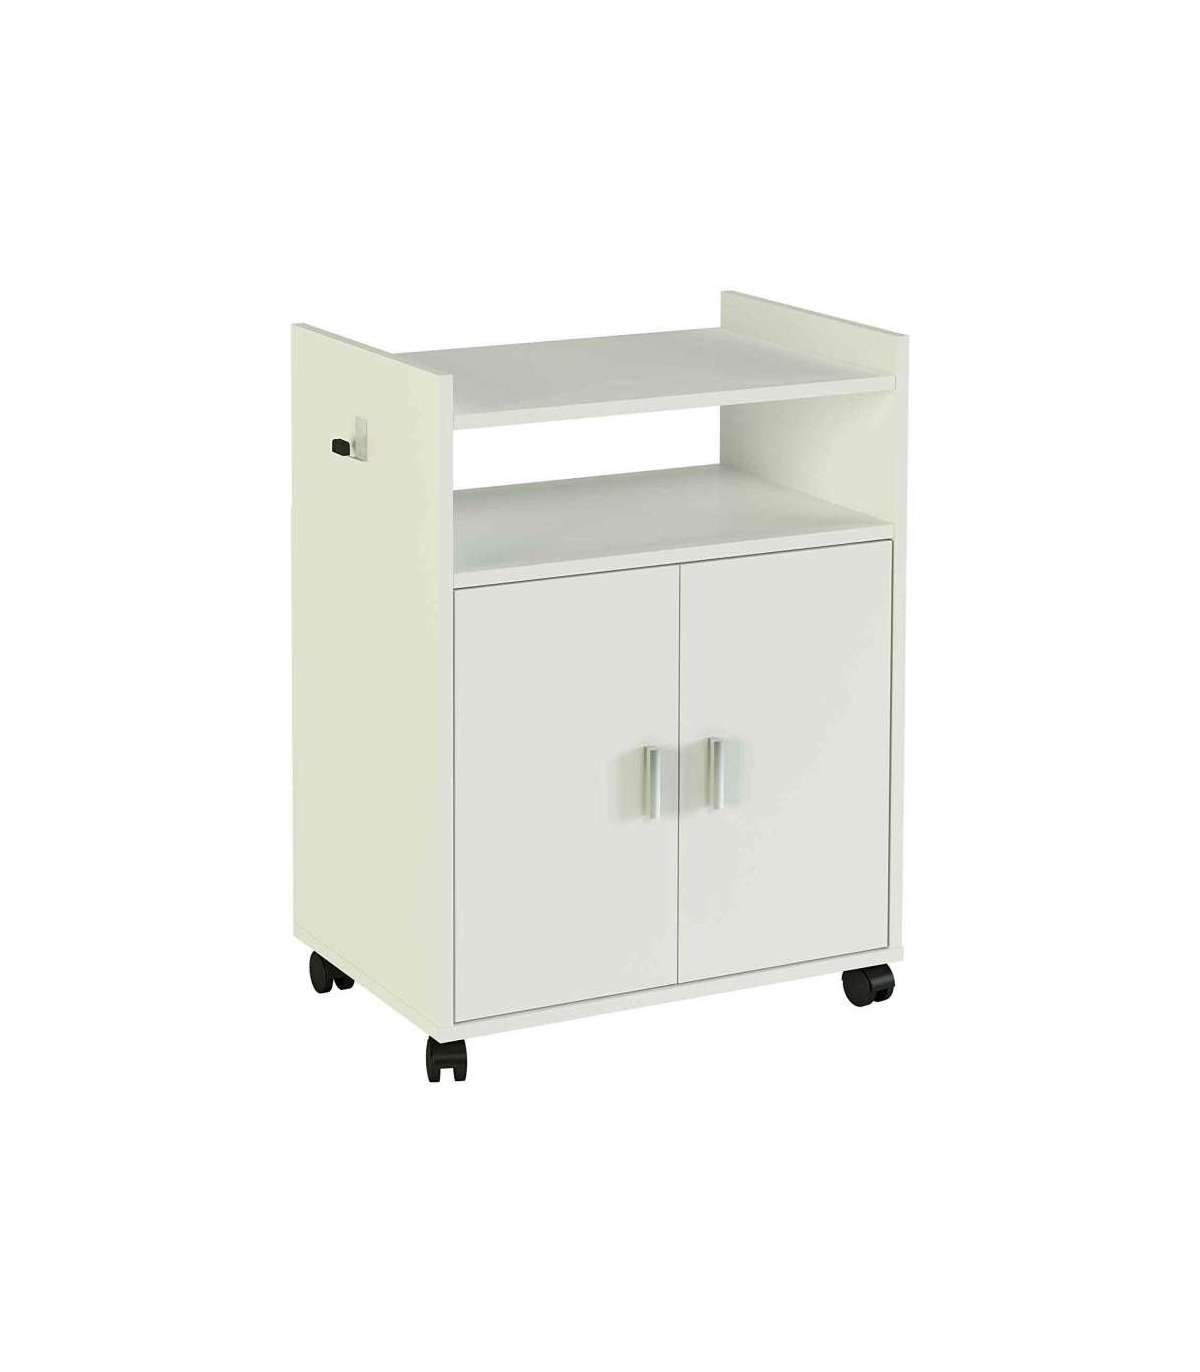 Mueble auxiliar microondas blanco - Auxiliares de